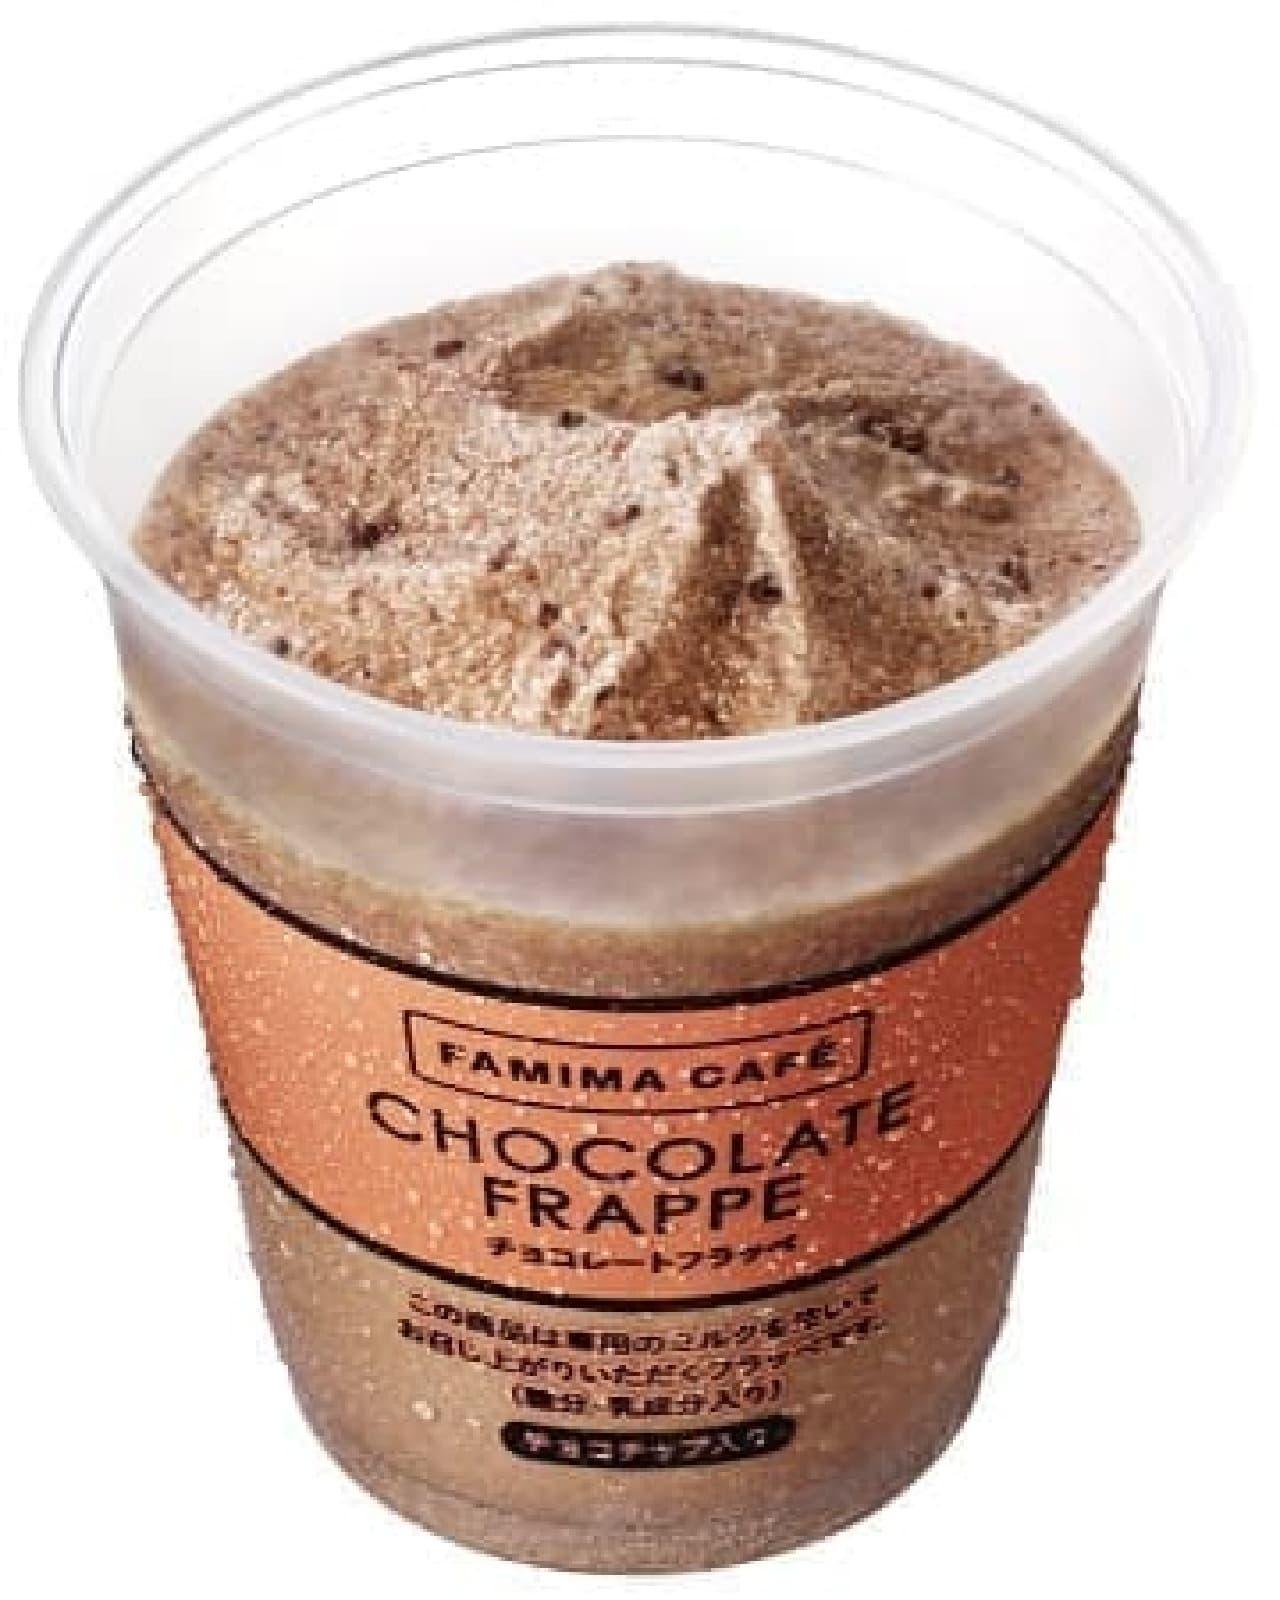 ファミリーマート「チョコレートフラッペ」